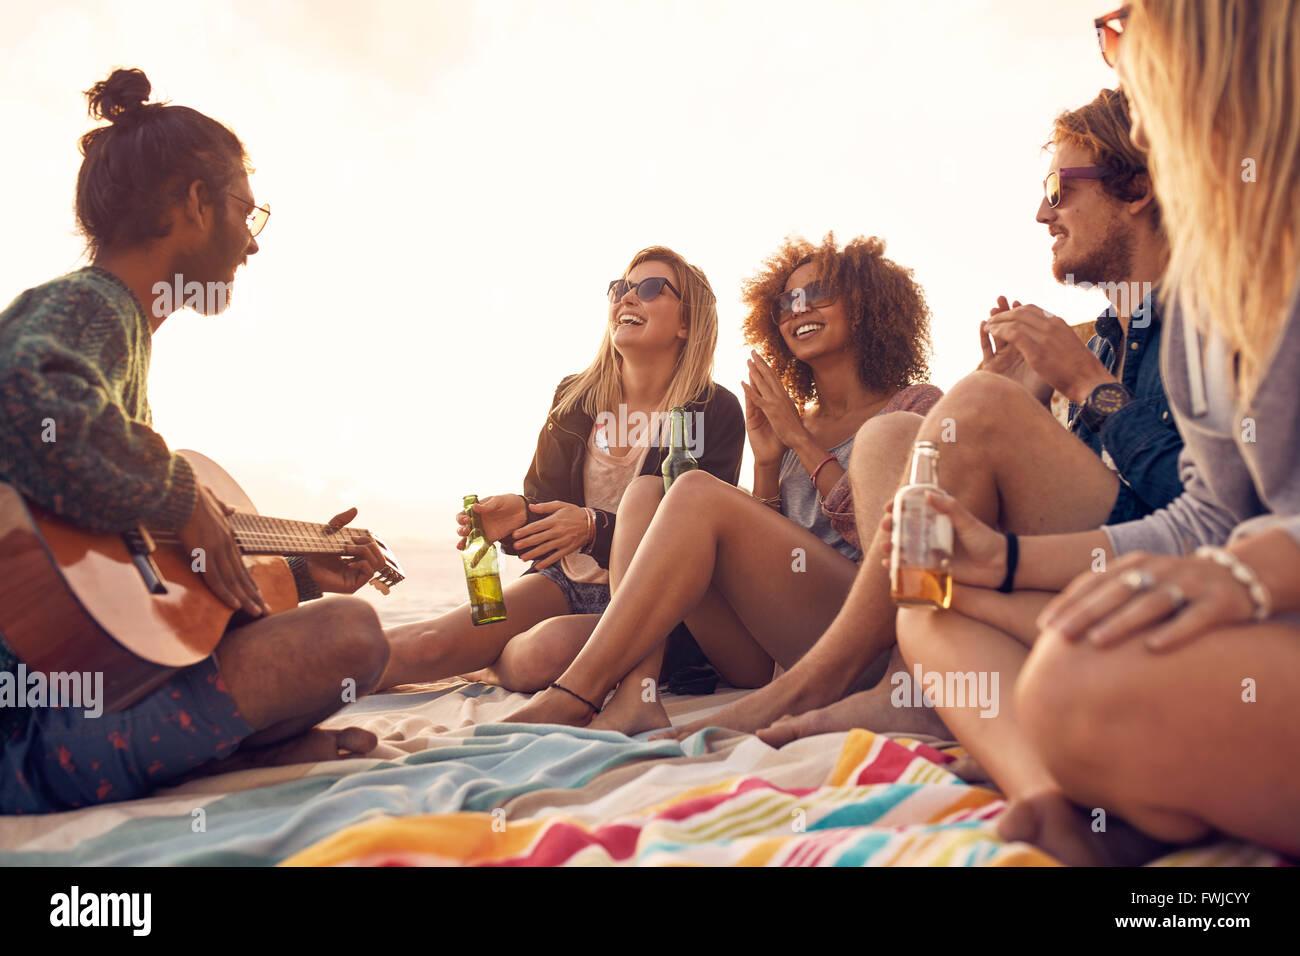 Feliz hipsters relajante y tocando la guitarra en la playa. Amigos bebiendo cervezas y escuchar música. Divertirse Imagen De Stock